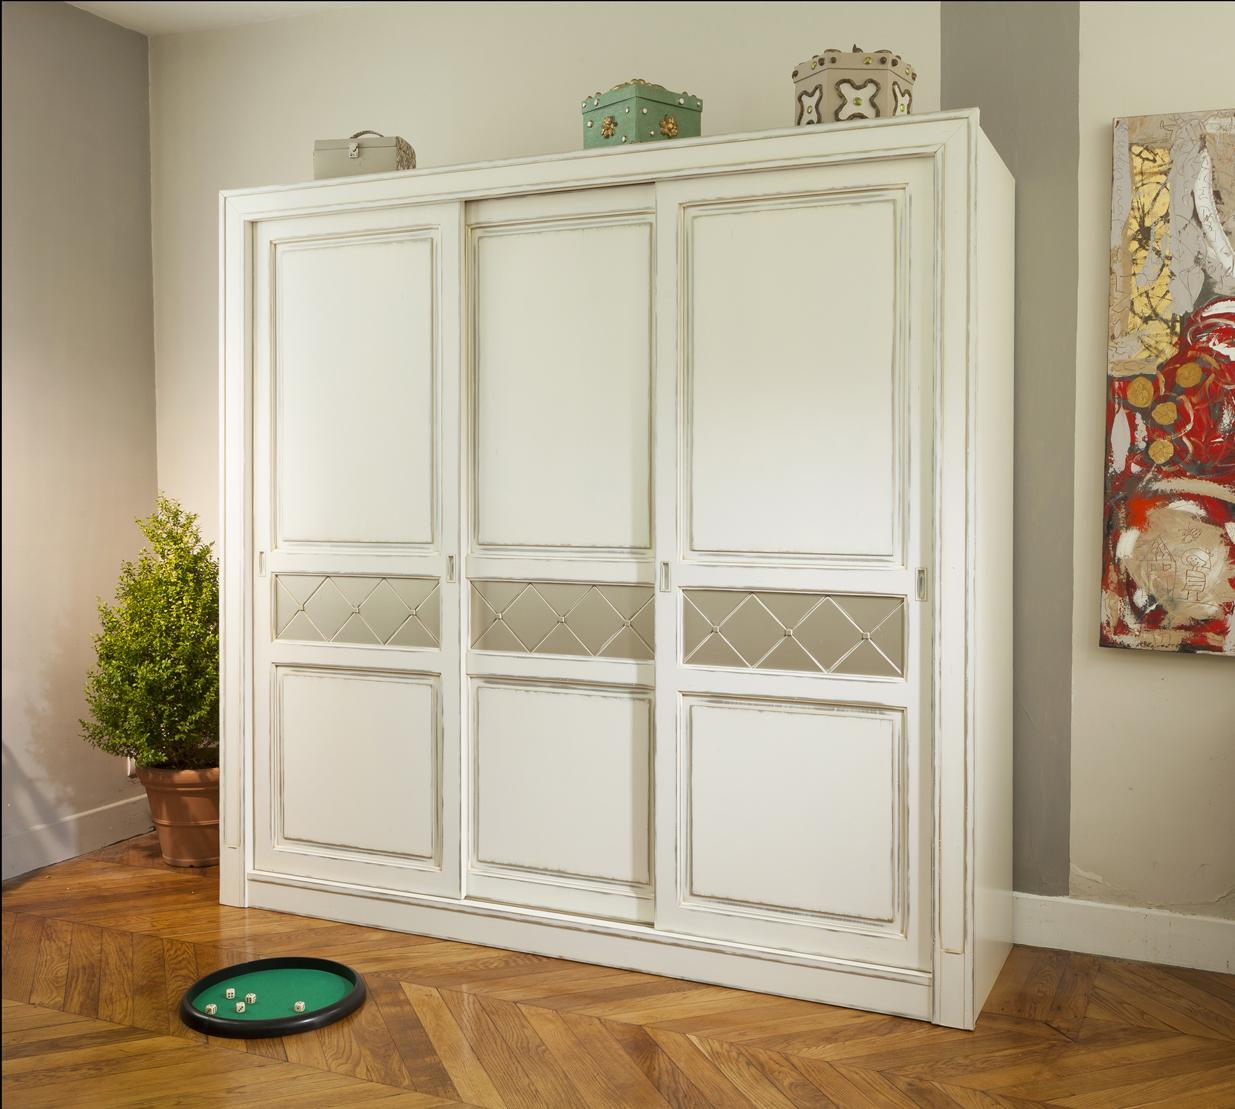 #714322 Armoire 3 Portes Coulissantes Gamme Capiton Siguier 1015 armoire portes coulissantes d'occasion 1235x1109 px @ aertt.com